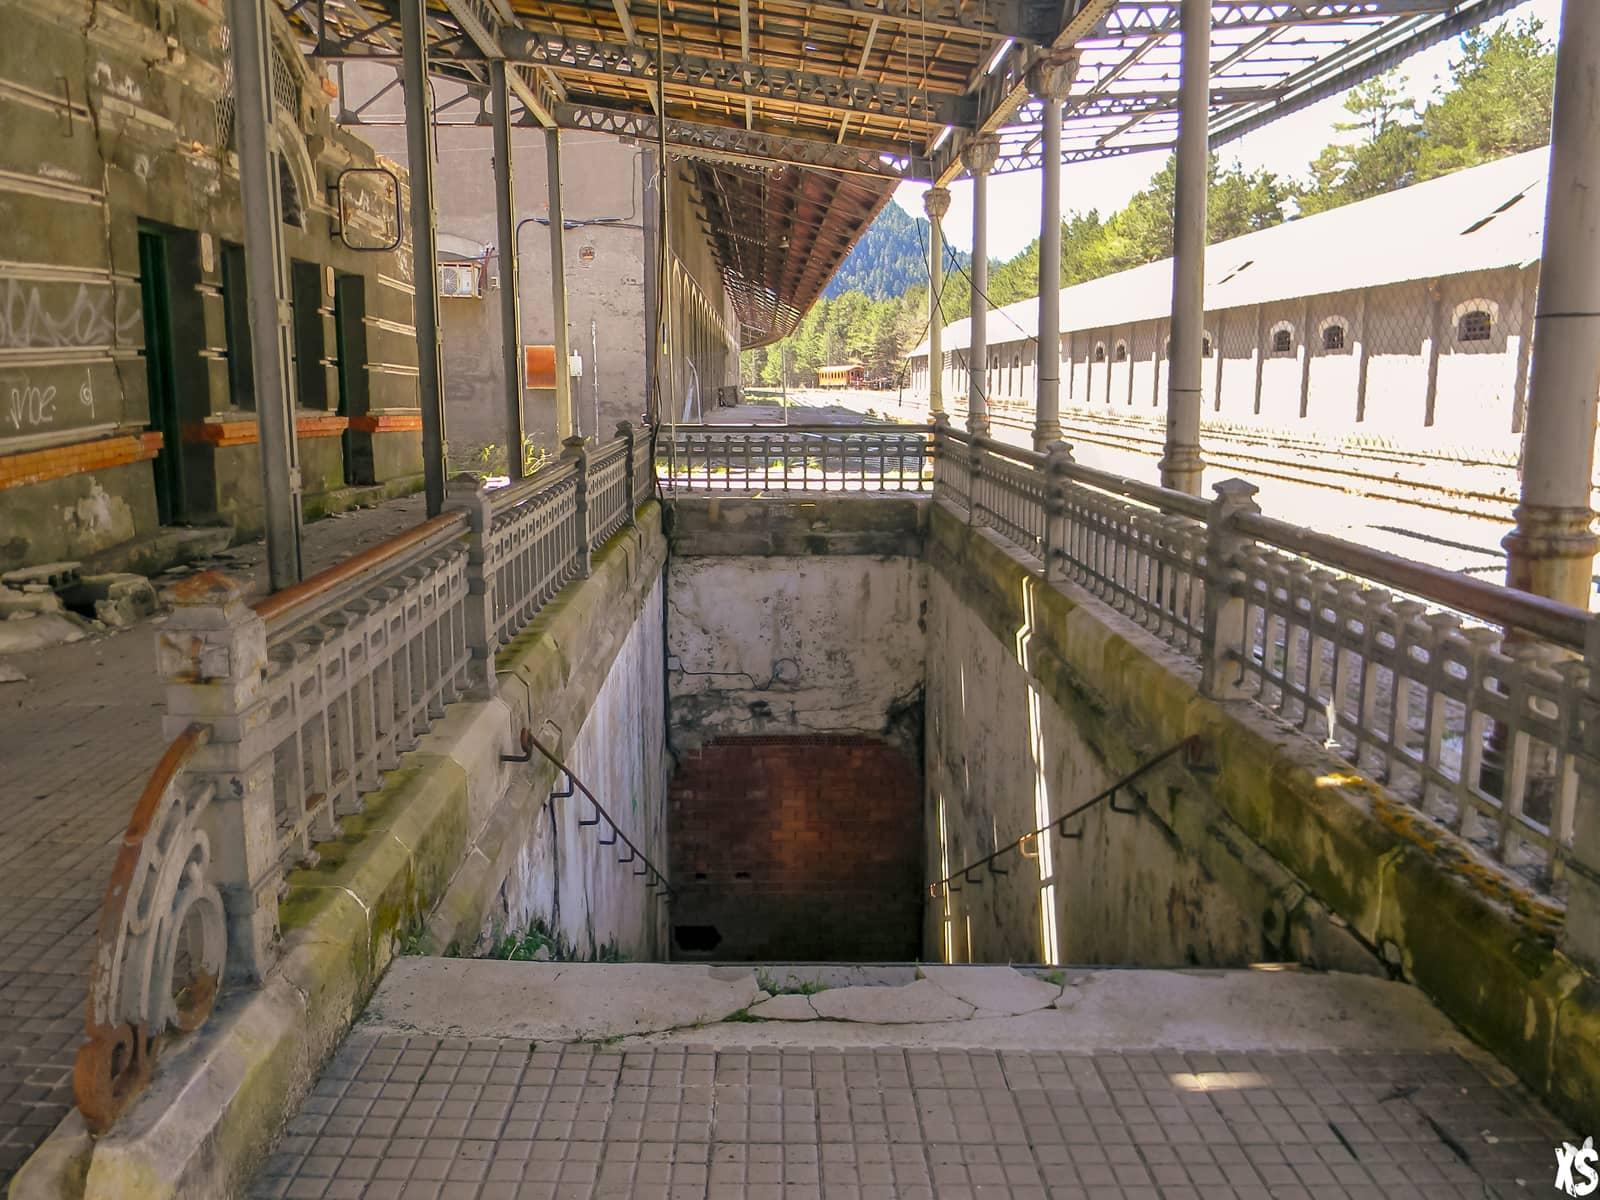 Gare abandonnée de Canfranc | urbexsession.com/gare-de-canfranc | Urbex Espagne